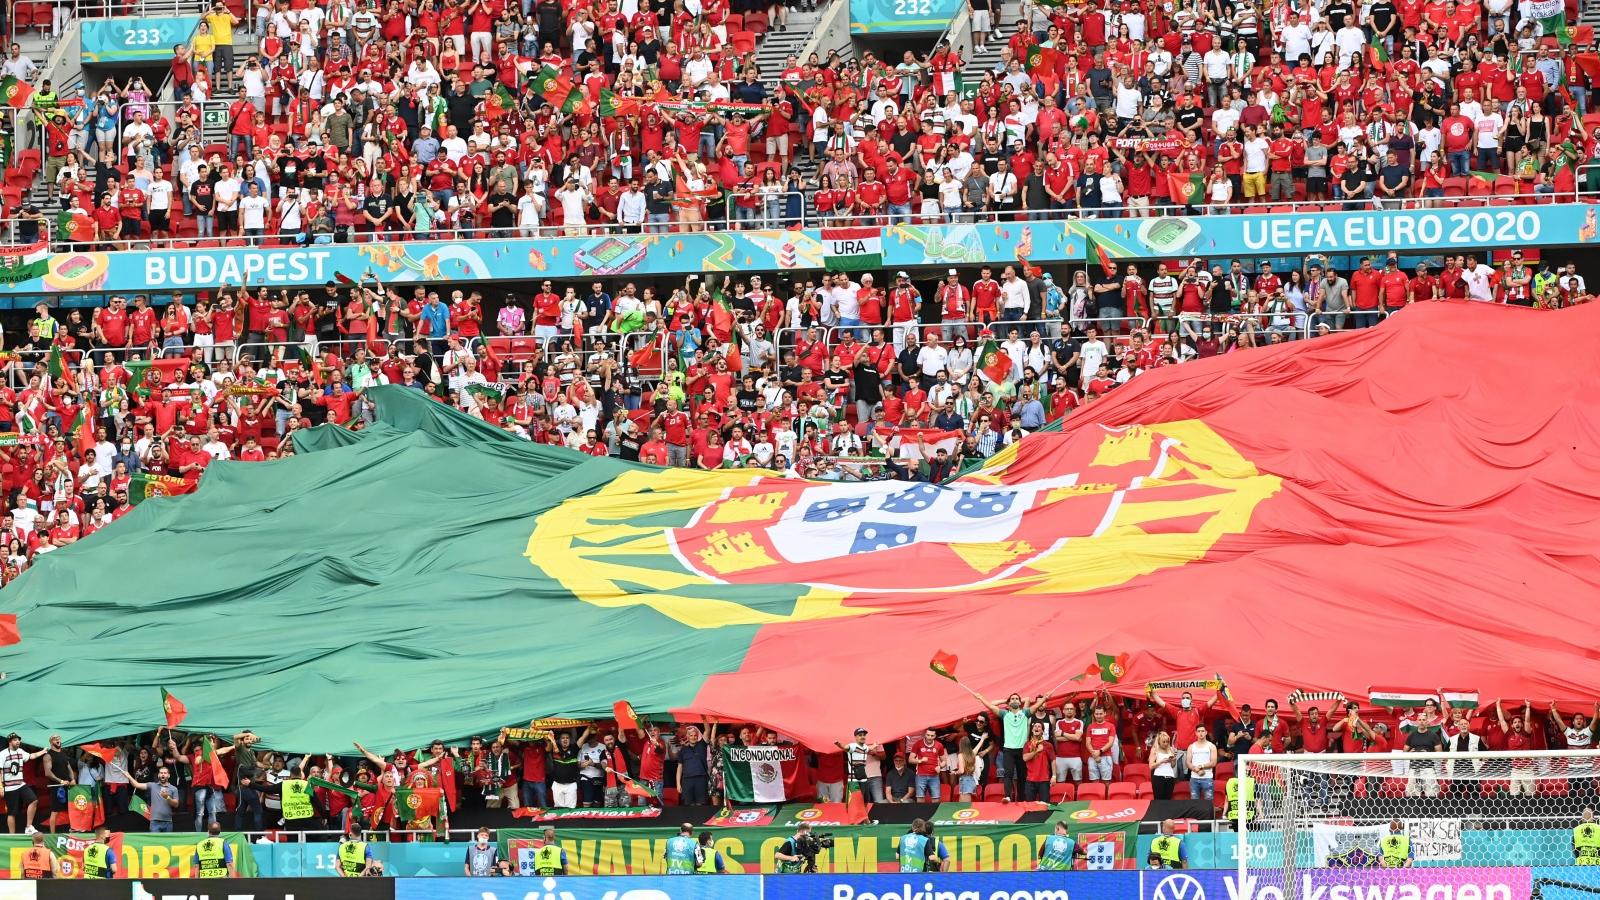 """Trực tiếp Hungary 0-0 Bồ Đào Nha: Ronaldo đi vào lịch sử ở trận cầu """"đặc biệt"""""""